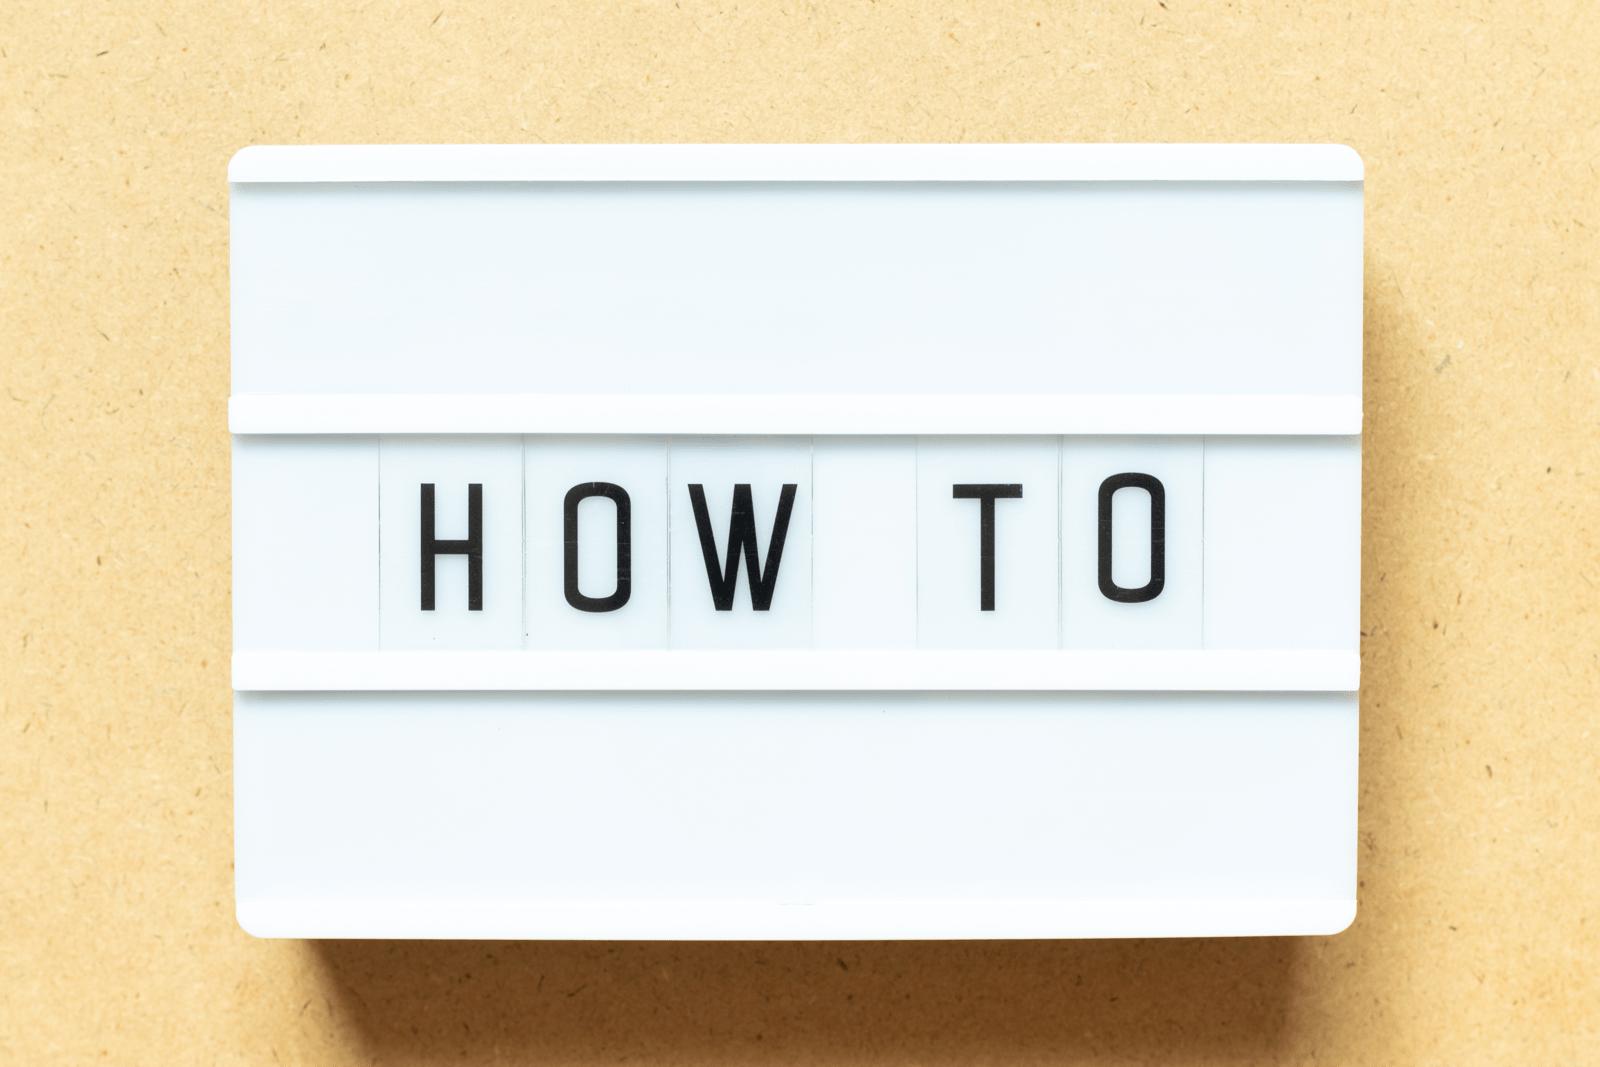 「HOW TO」と書かれた白いボックス